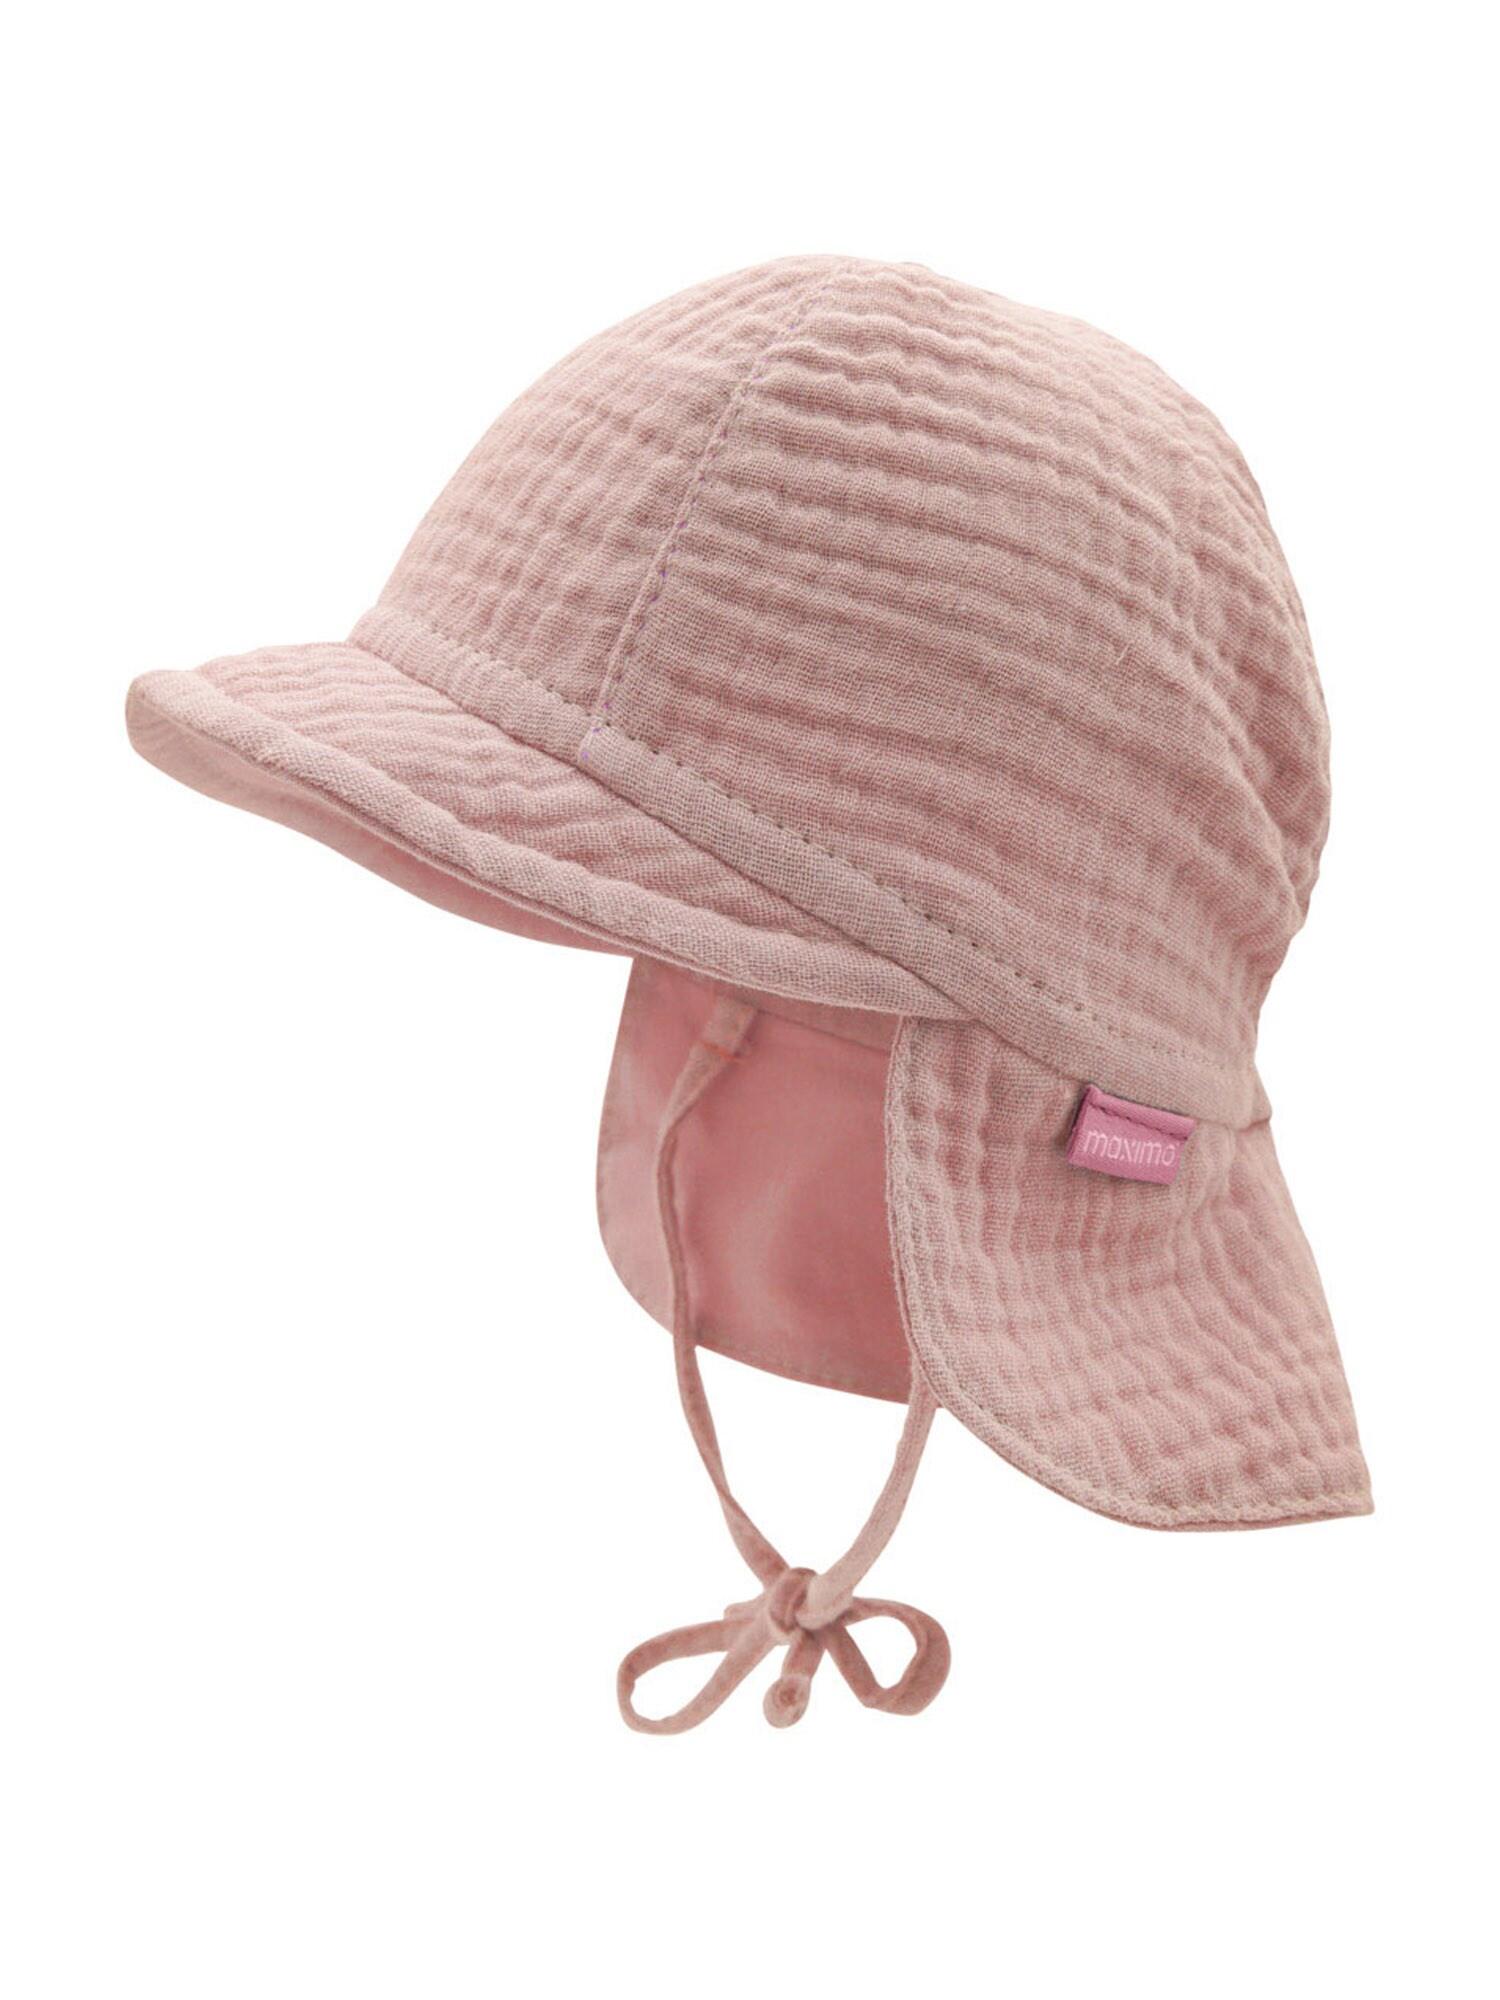 MAXIMO Skrybėlaitė ryškiai rožinė spalva